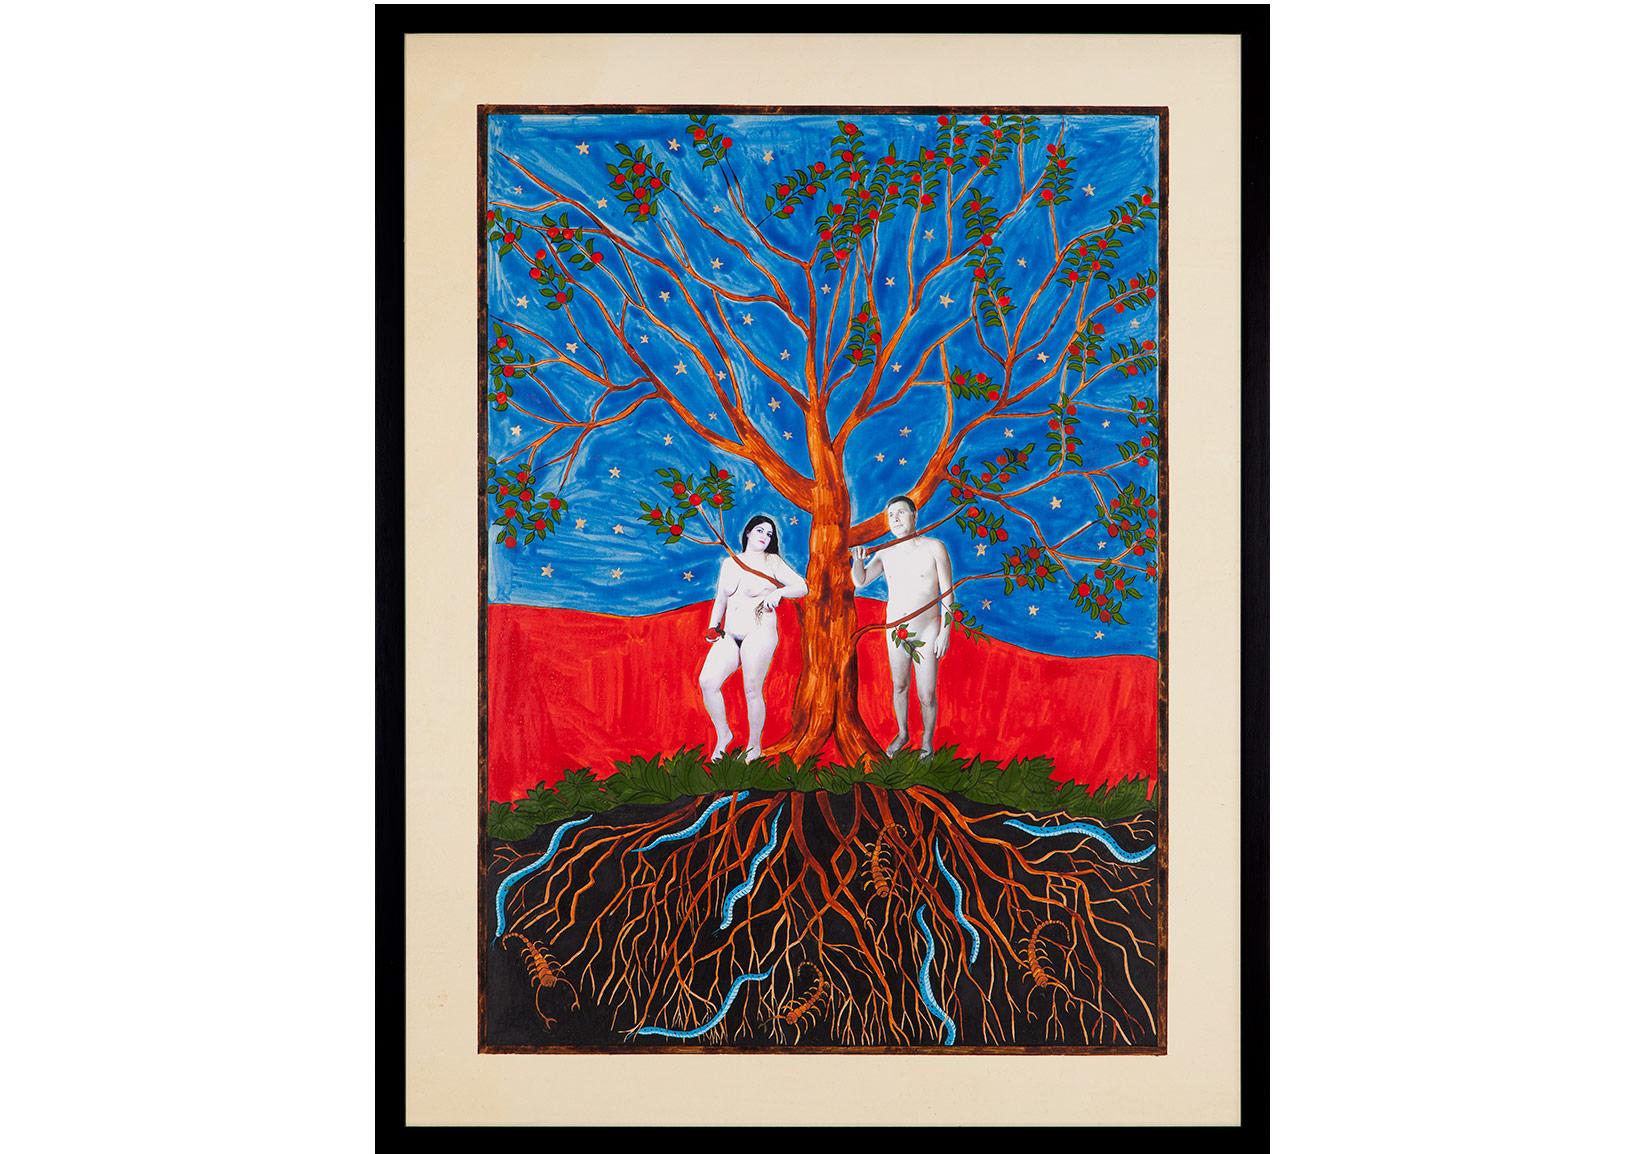 Hayat Ağacı / The Tree of Life, 2014Aherli kağıt üzerine mürekkep, altın ve fotoğraf / Photograph, gold and ink on special paper65 x 50 x 3.5 cm (çerçeveli/framed)Sanatçı'nın ve Rampa'nın izniyle / Courtesy the artist and RampaFotoğraf / Photograph: André Carvalho and Tugba Karatop - Chroma